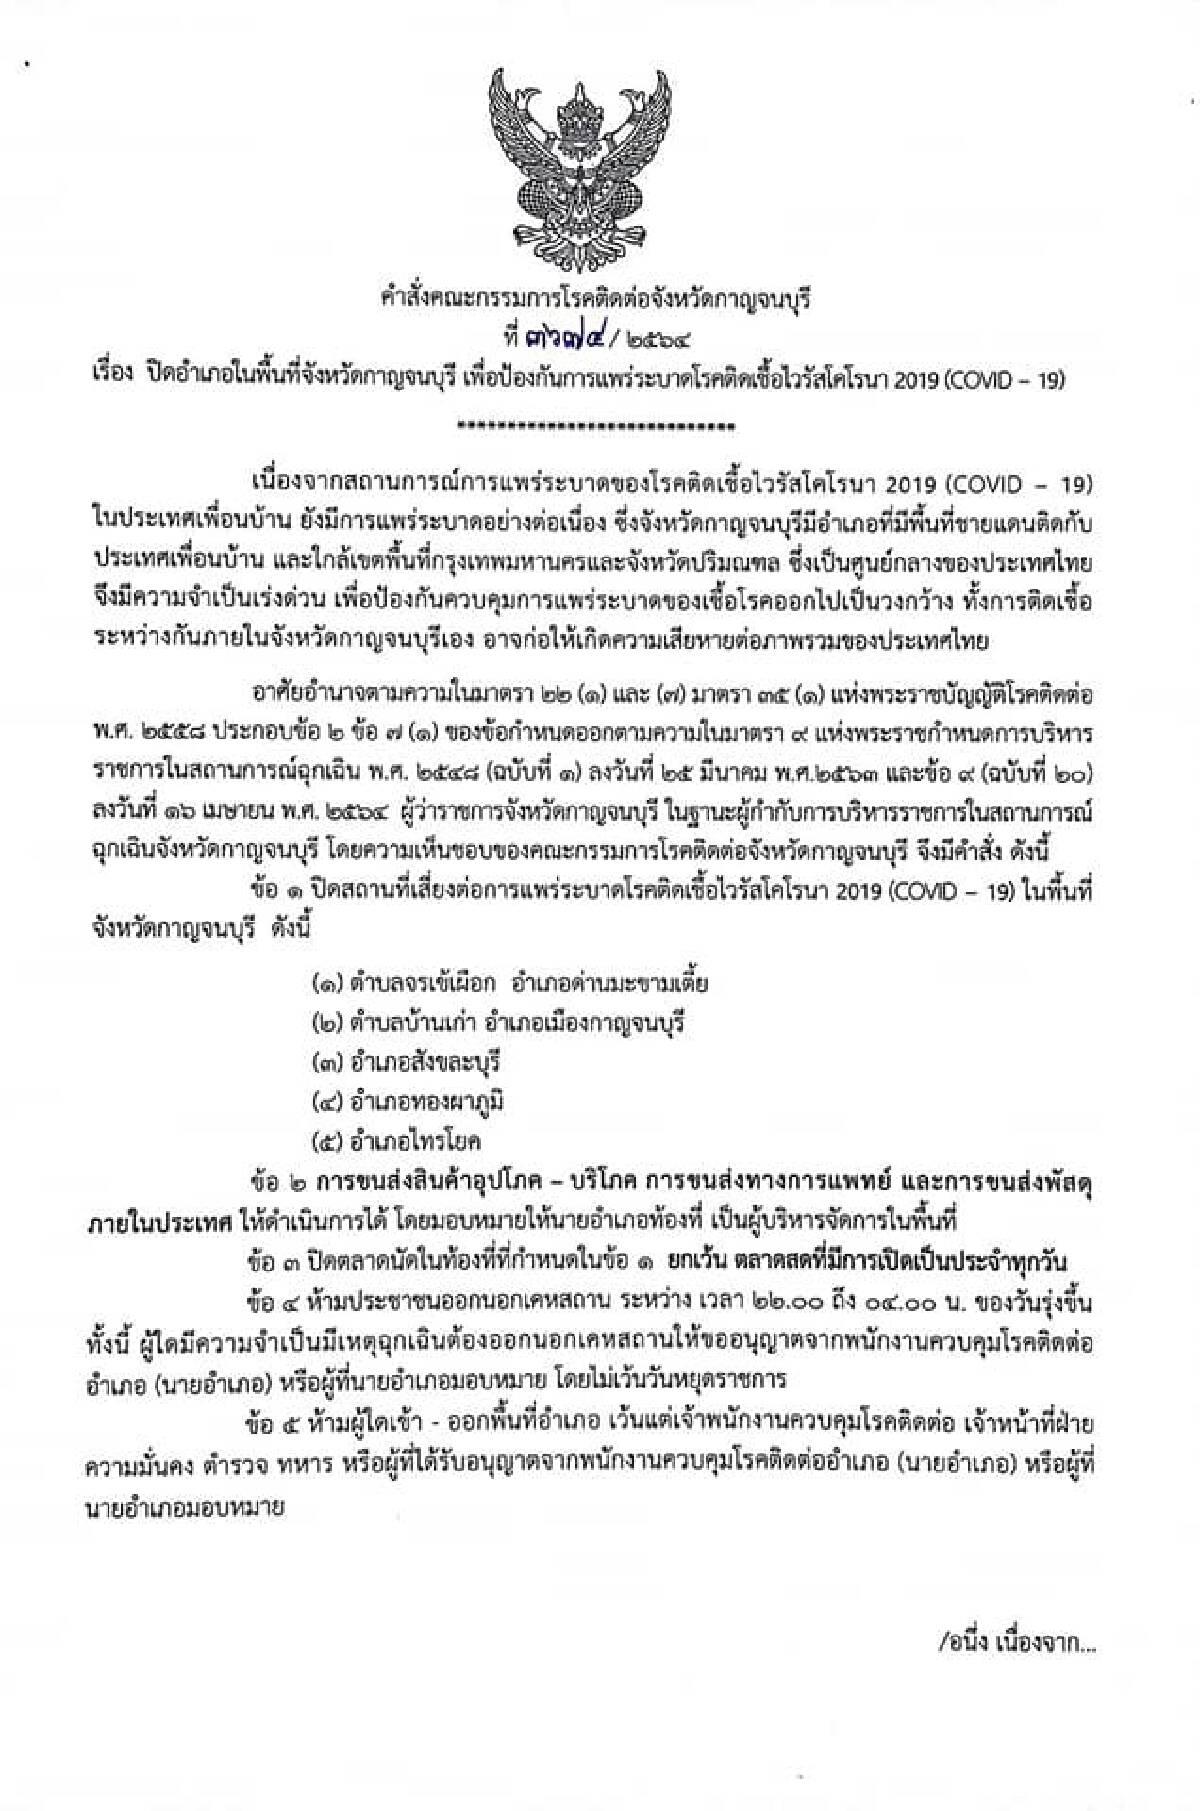 กาญจนบุรีสั่งด่วนเคอร์ฟิวปิด 5 อำเภอชายแดนไม่มีกำหนด ดีเดย์ 2 สิงหาคมนี้